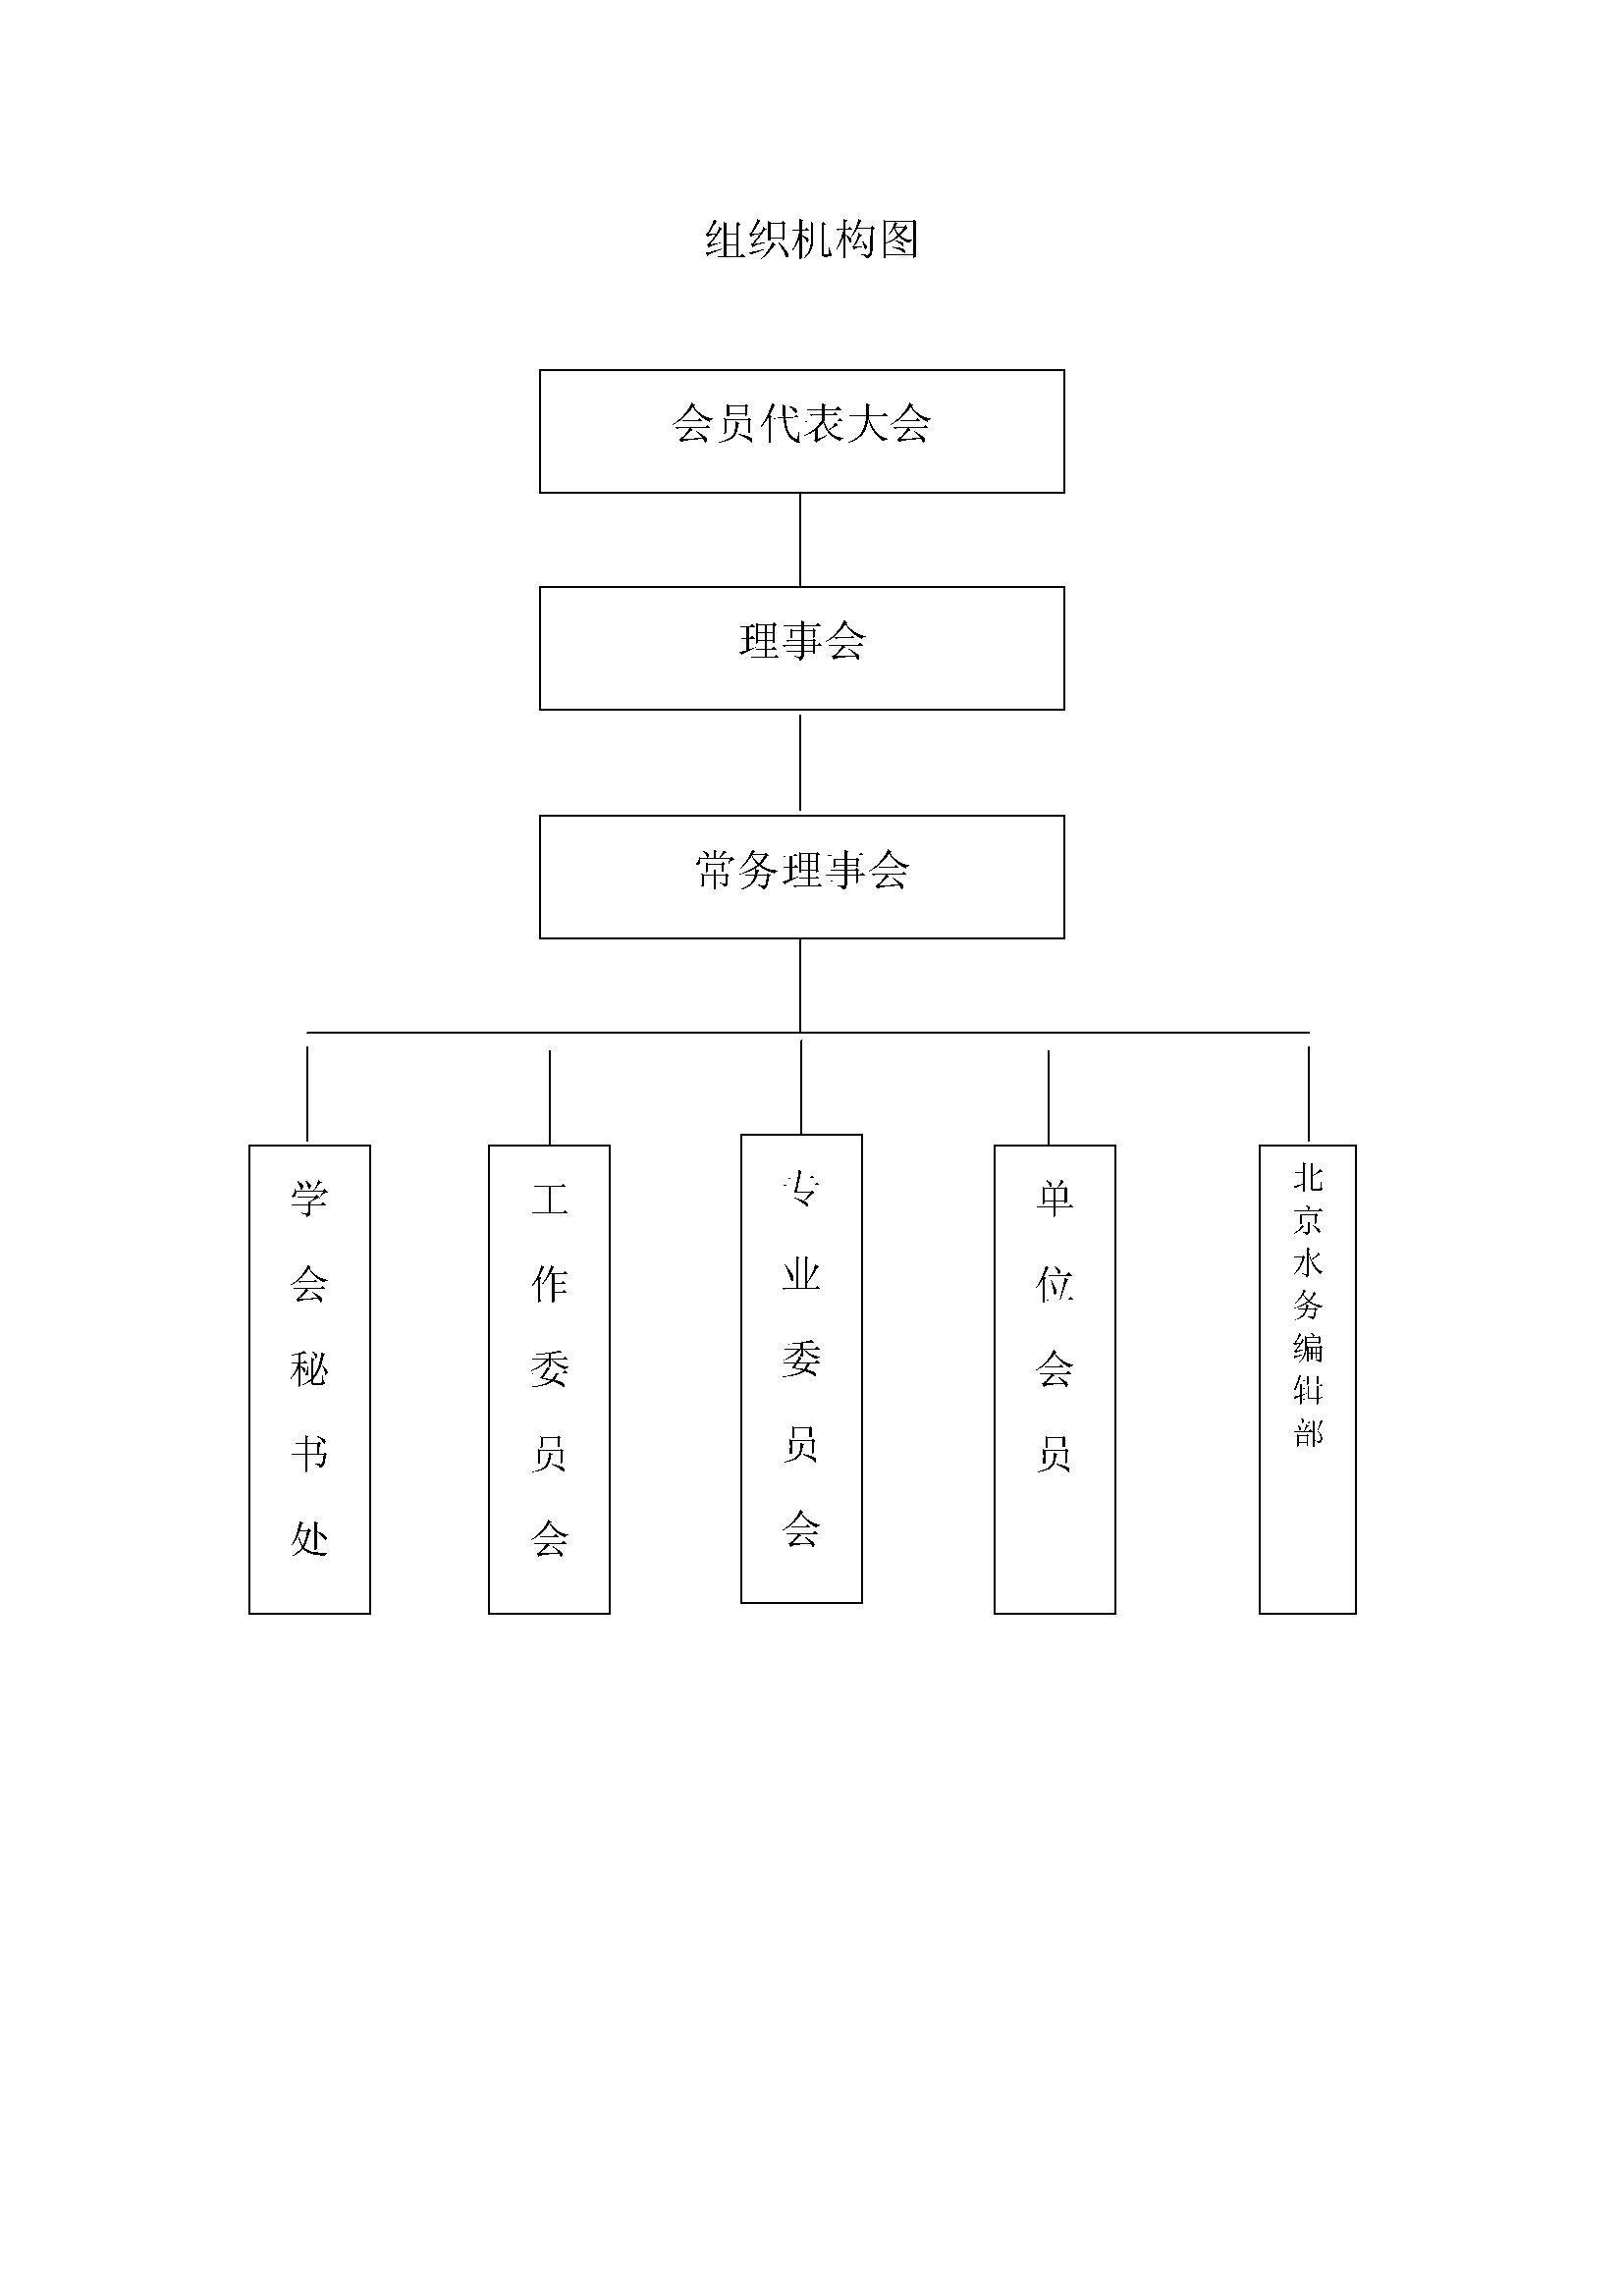 大学社团组织结构图